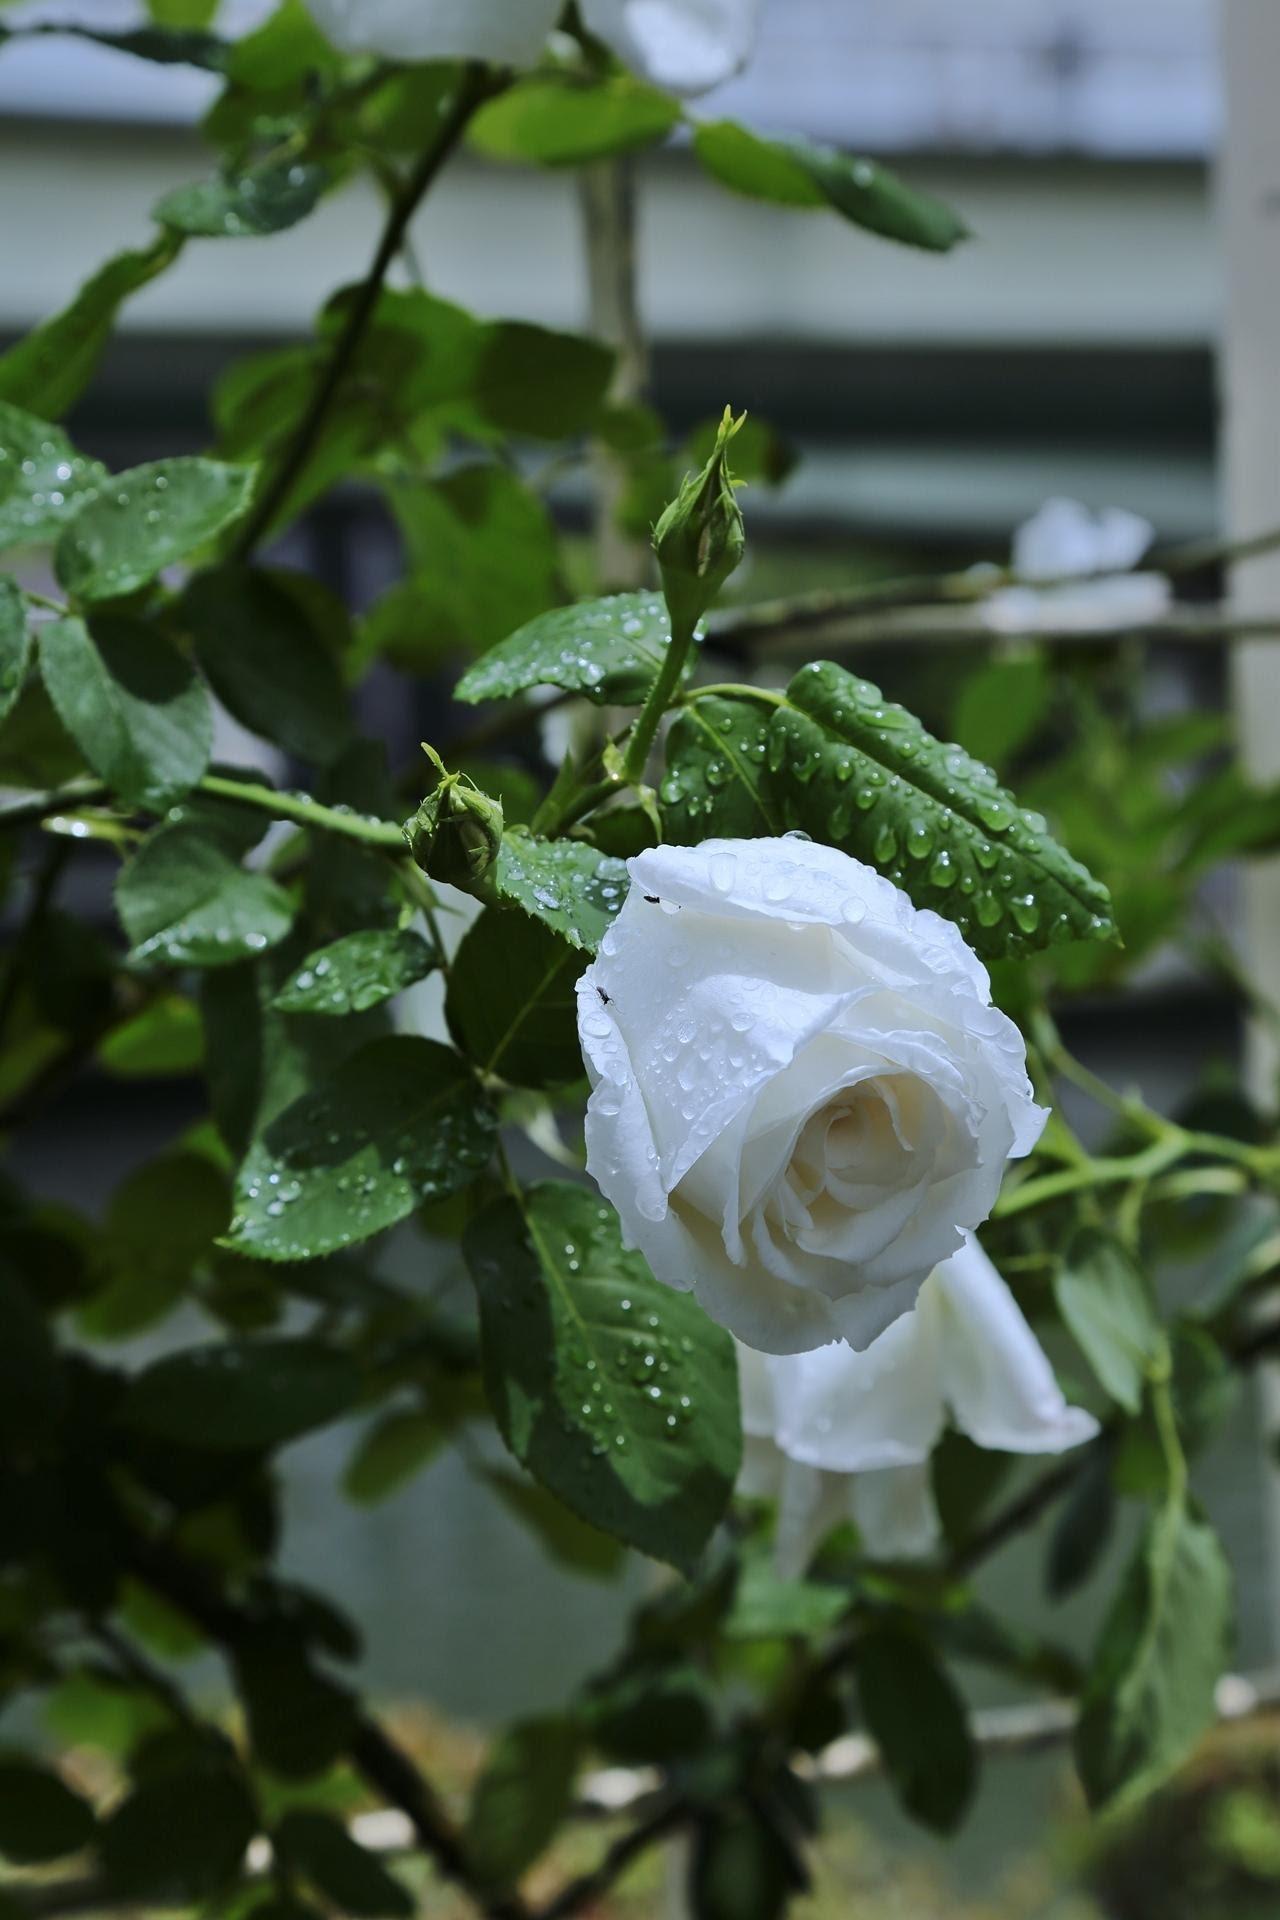 картинки дождь и белая роза дизайнеров продемонстрировали необычные